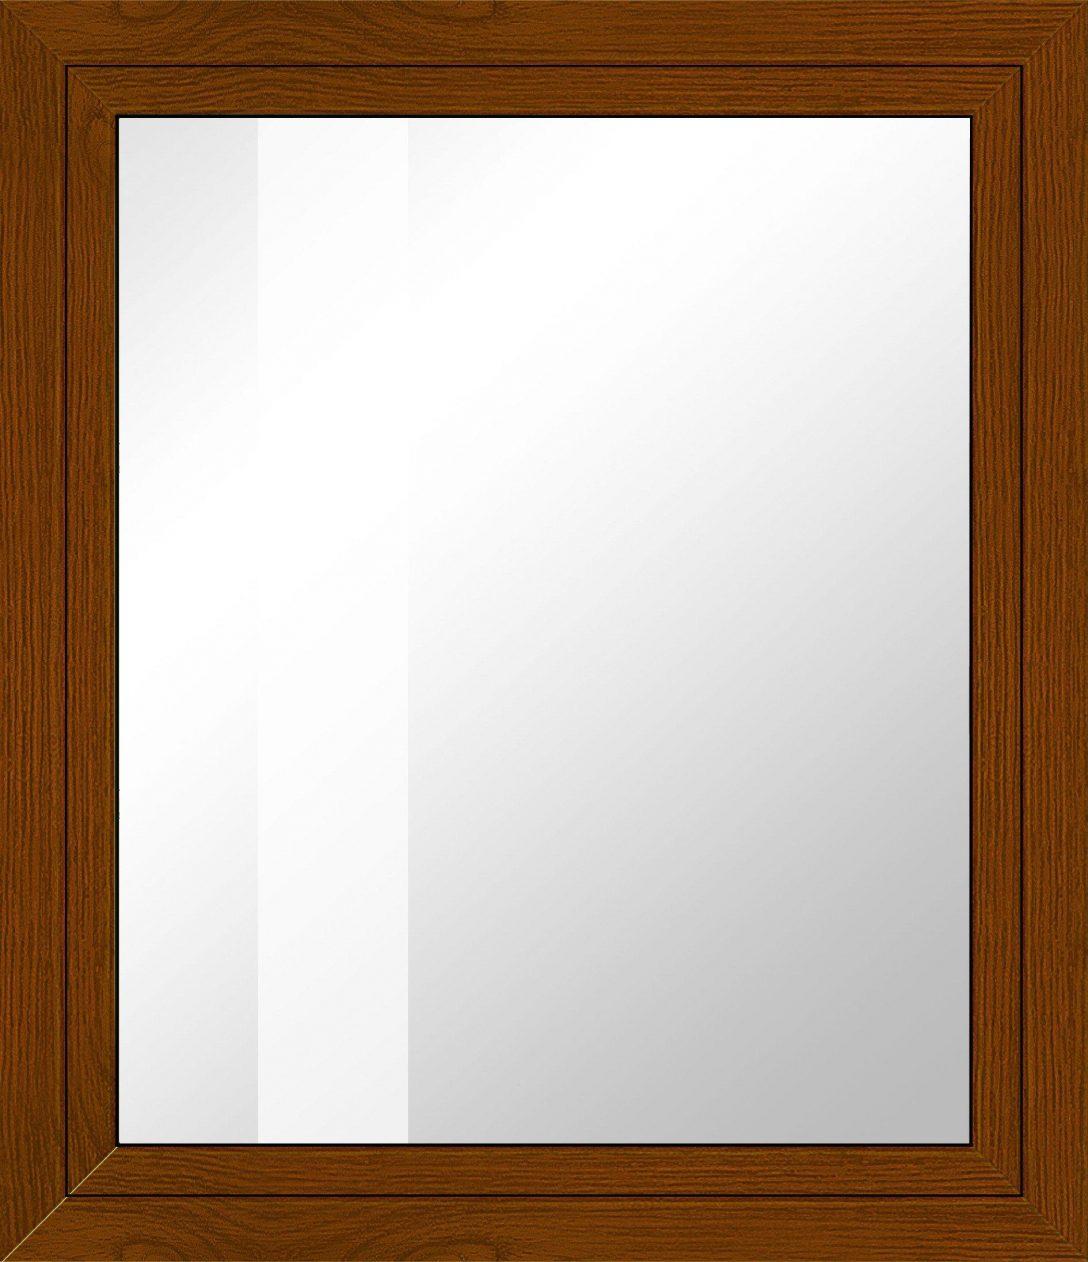 Large Size of Kunststoff Fenster Roro Classic 400 Tauschen Schüco Aluplast Velux Kaufen Sichtschutzfolie Sonnenschutz Klebefolie 3 Fach Verglasung Holz Alu Fenster Kunststoff Fenster